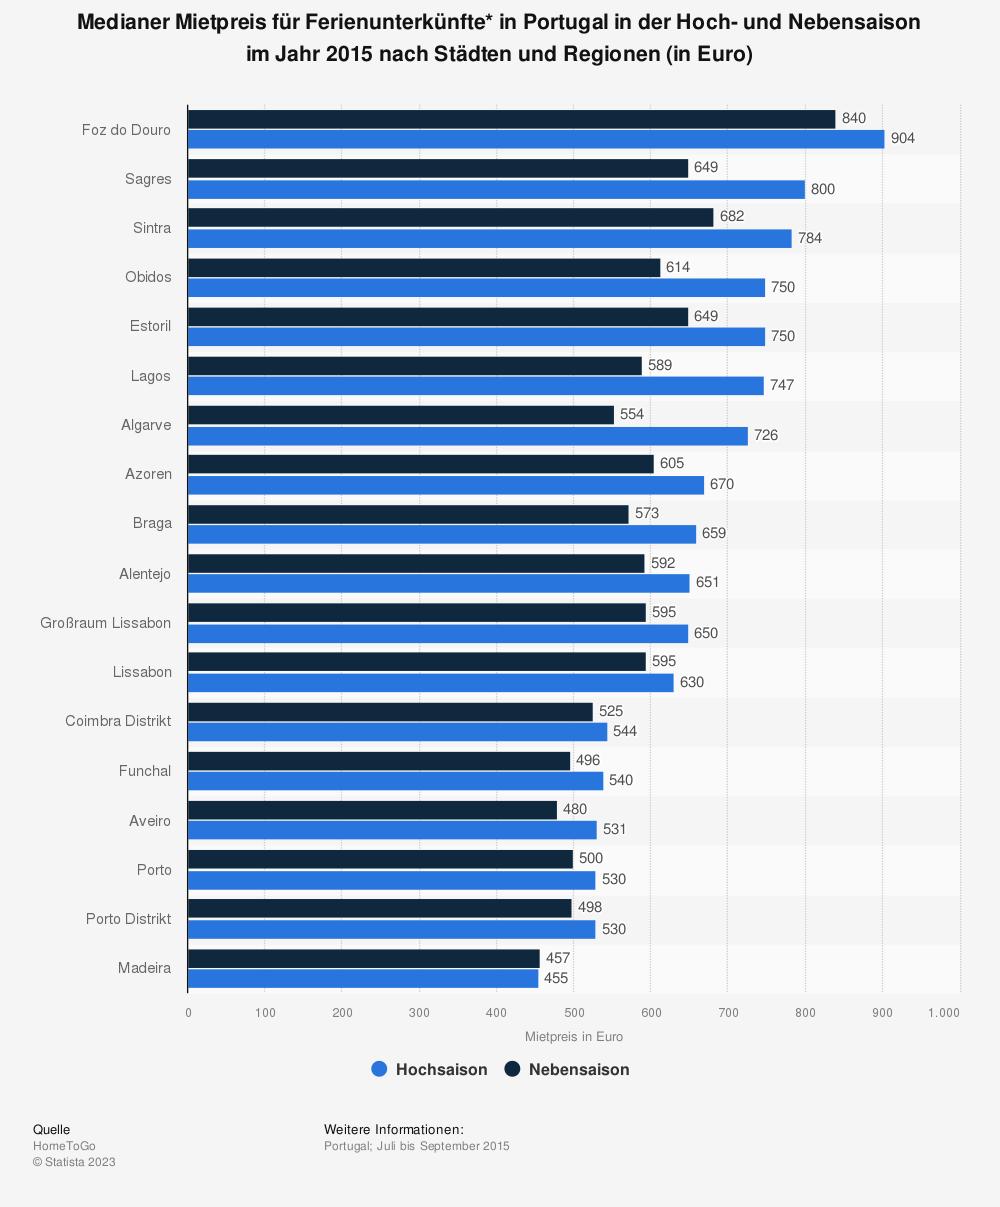 Statistik: Medianer Mietpreis für Ferienunterkünfte* in Portugal in der Hoch- und Nebensaison im Jahr 2015 nach Städten und Regionen (in Euro) | Statista